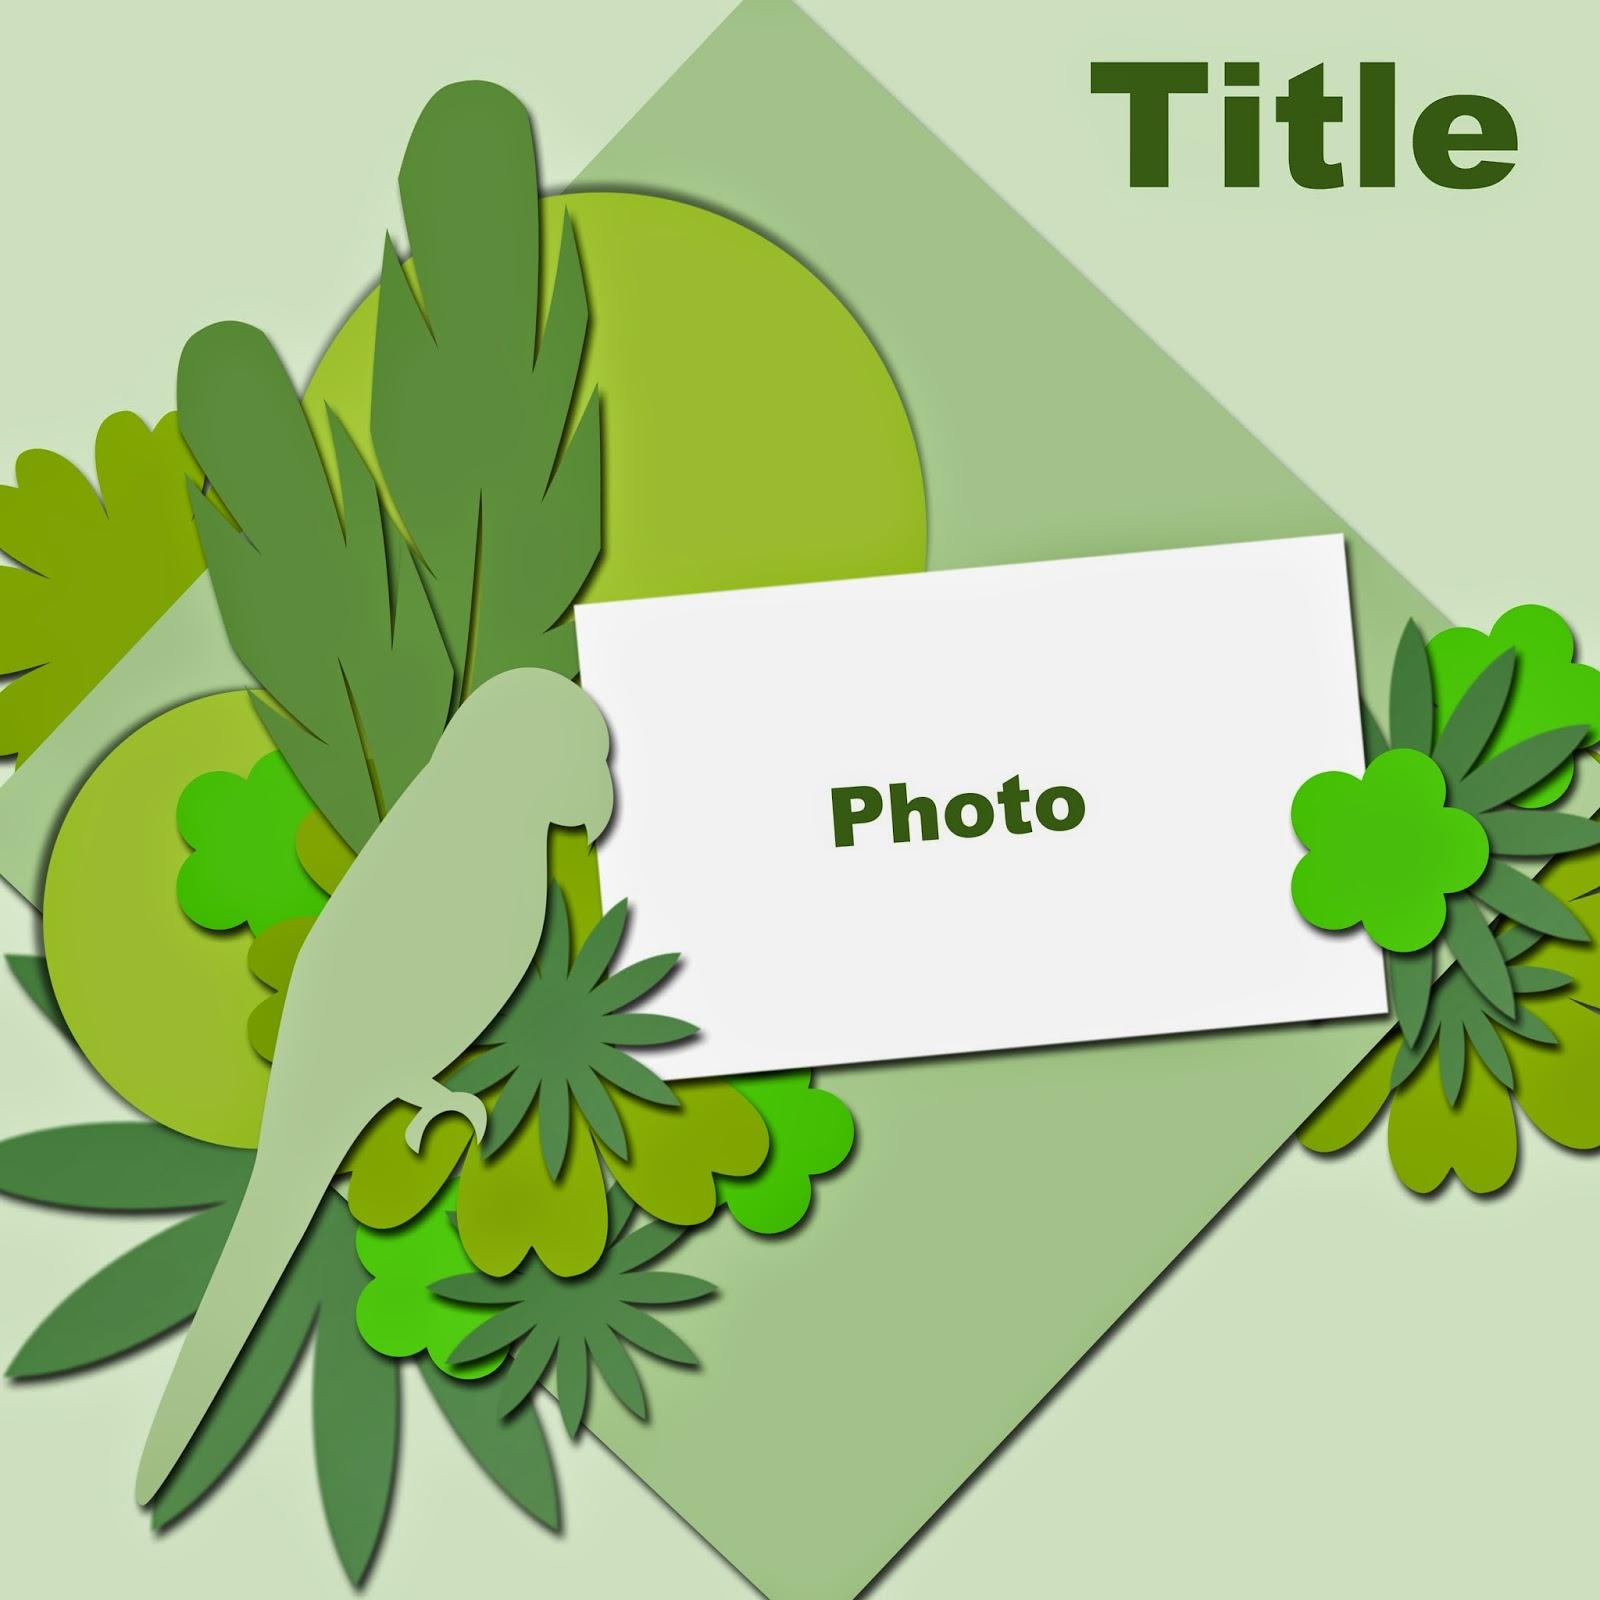 http://1.bp.blogspot.com/-yrZHvdsWVqc/U1p_0iBYoaI/AAAAAAAAAck/LIYygPNSh30/s1600/04_25_14_edited-1.jpg